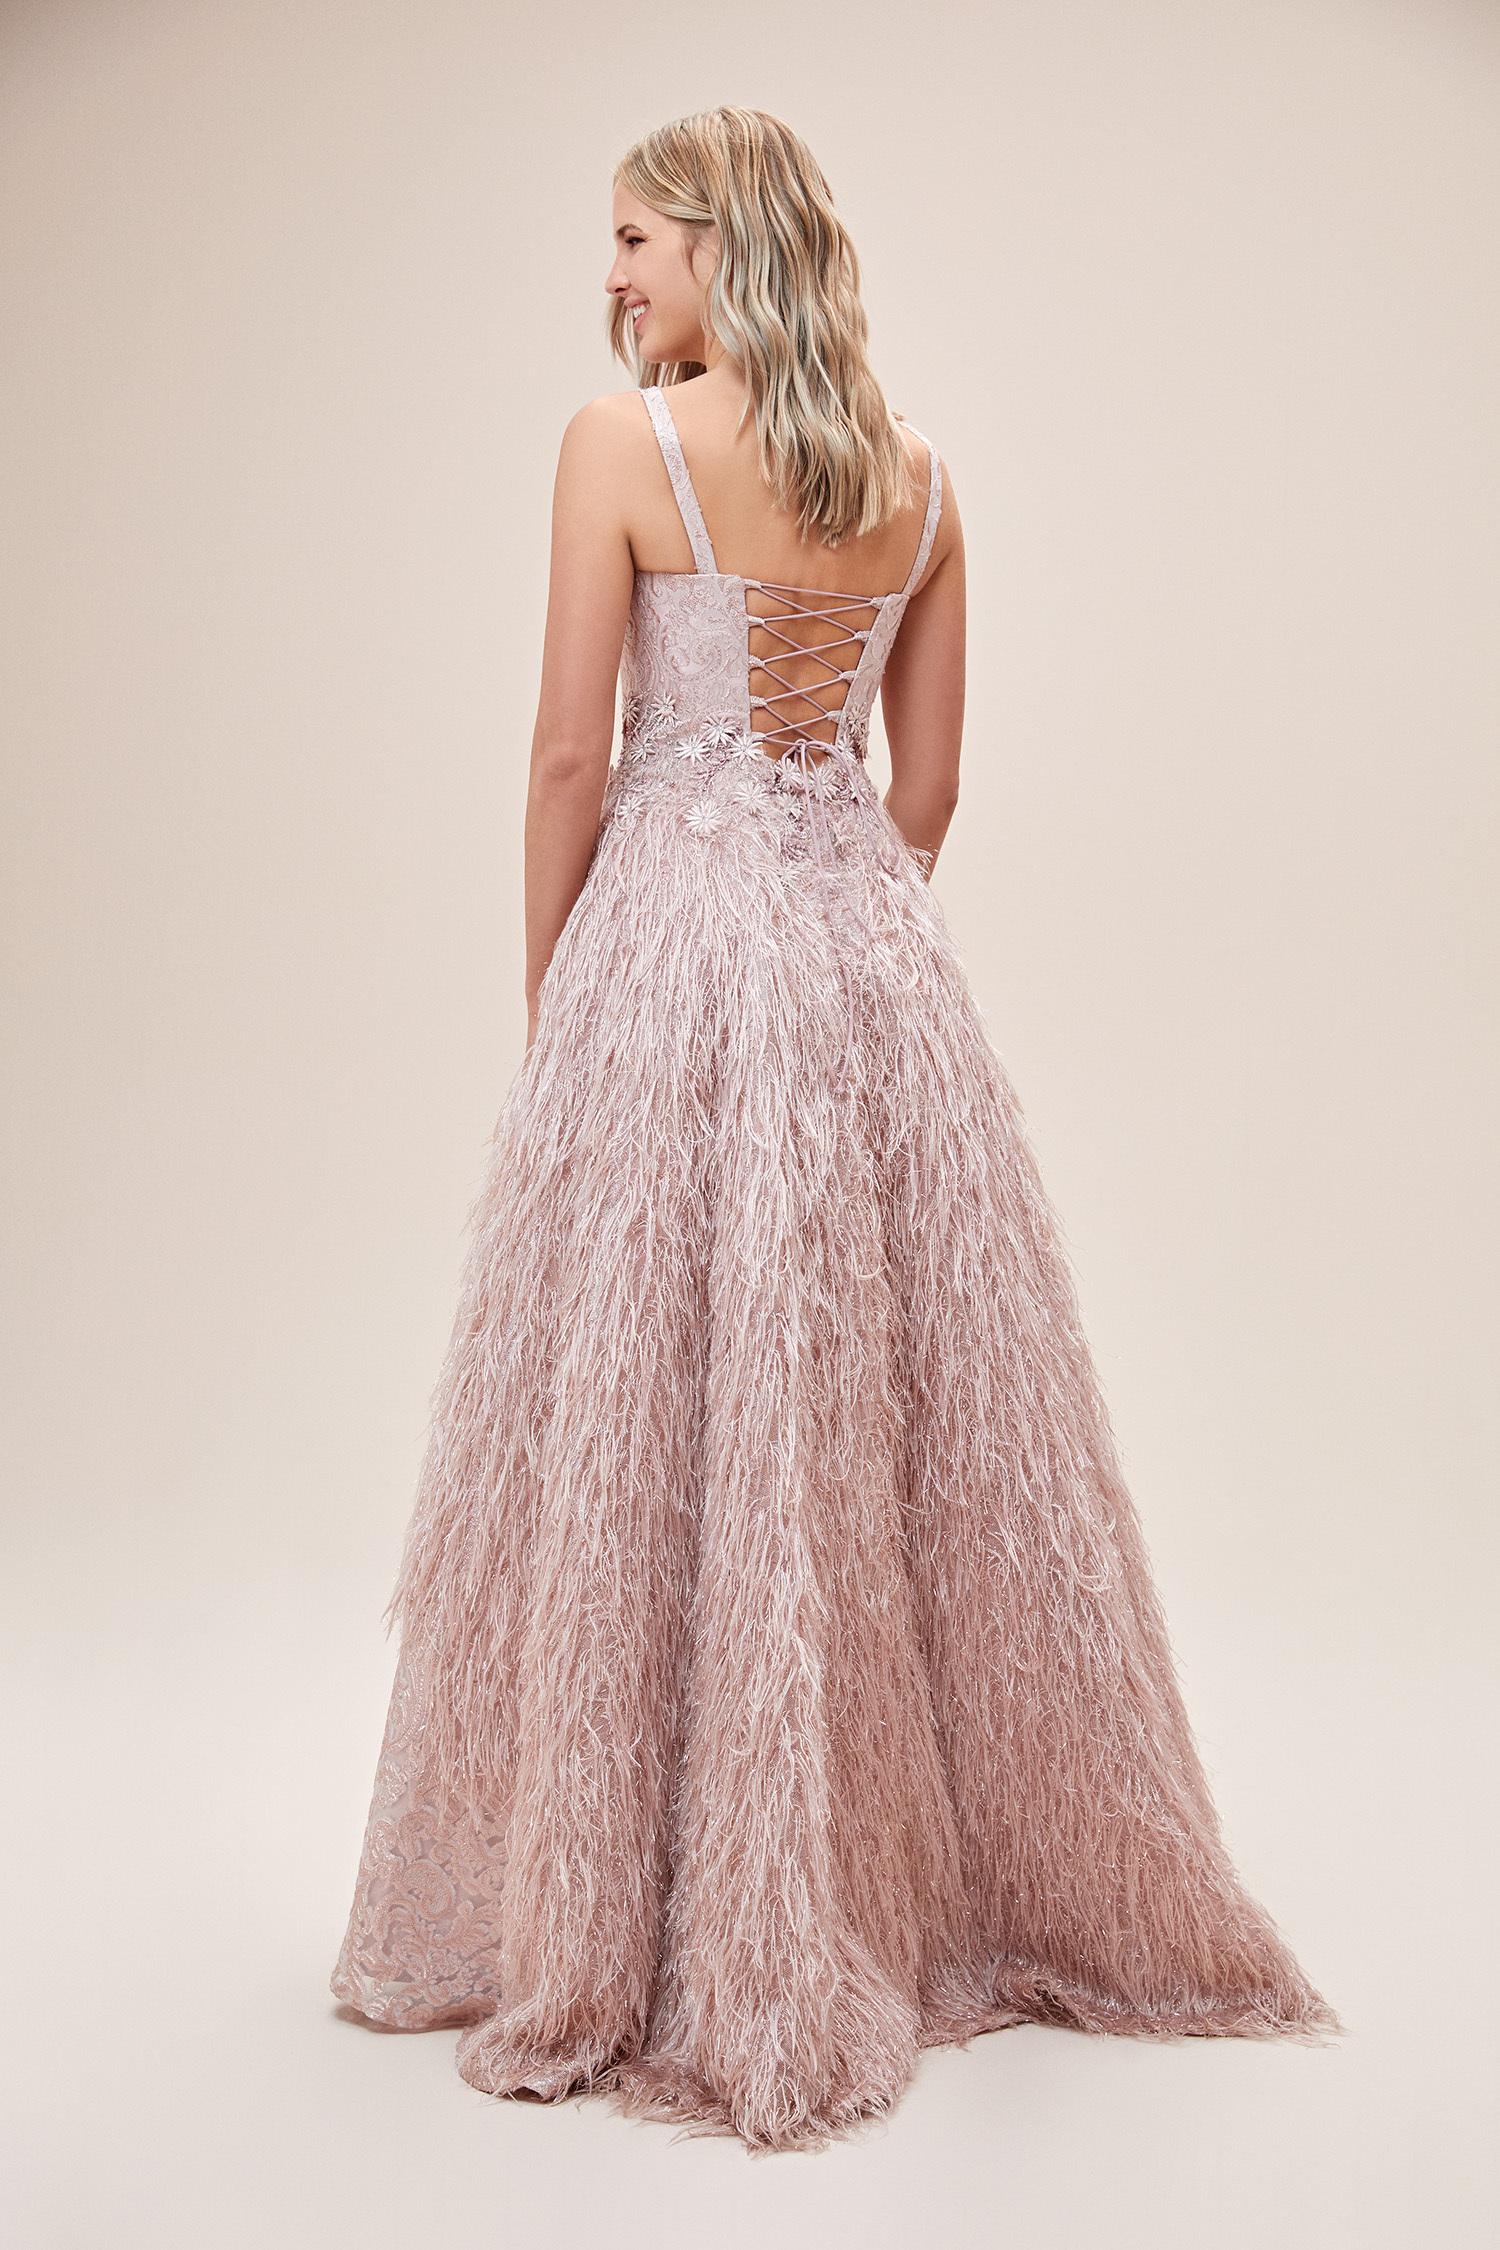 Pudra Rengi Askılı Tüylü Uzun Abiye Elbise - Thumbnail